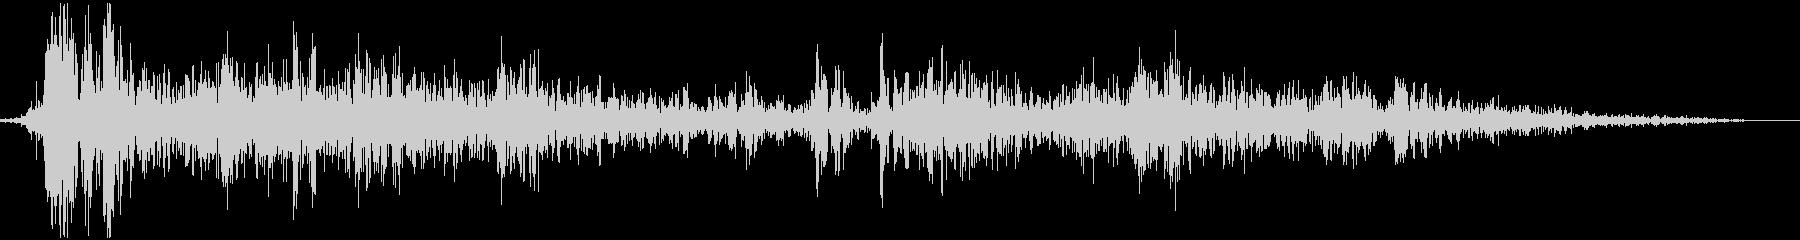 【爆発音01】様々なシーンで使える爆発音の未再生の波形